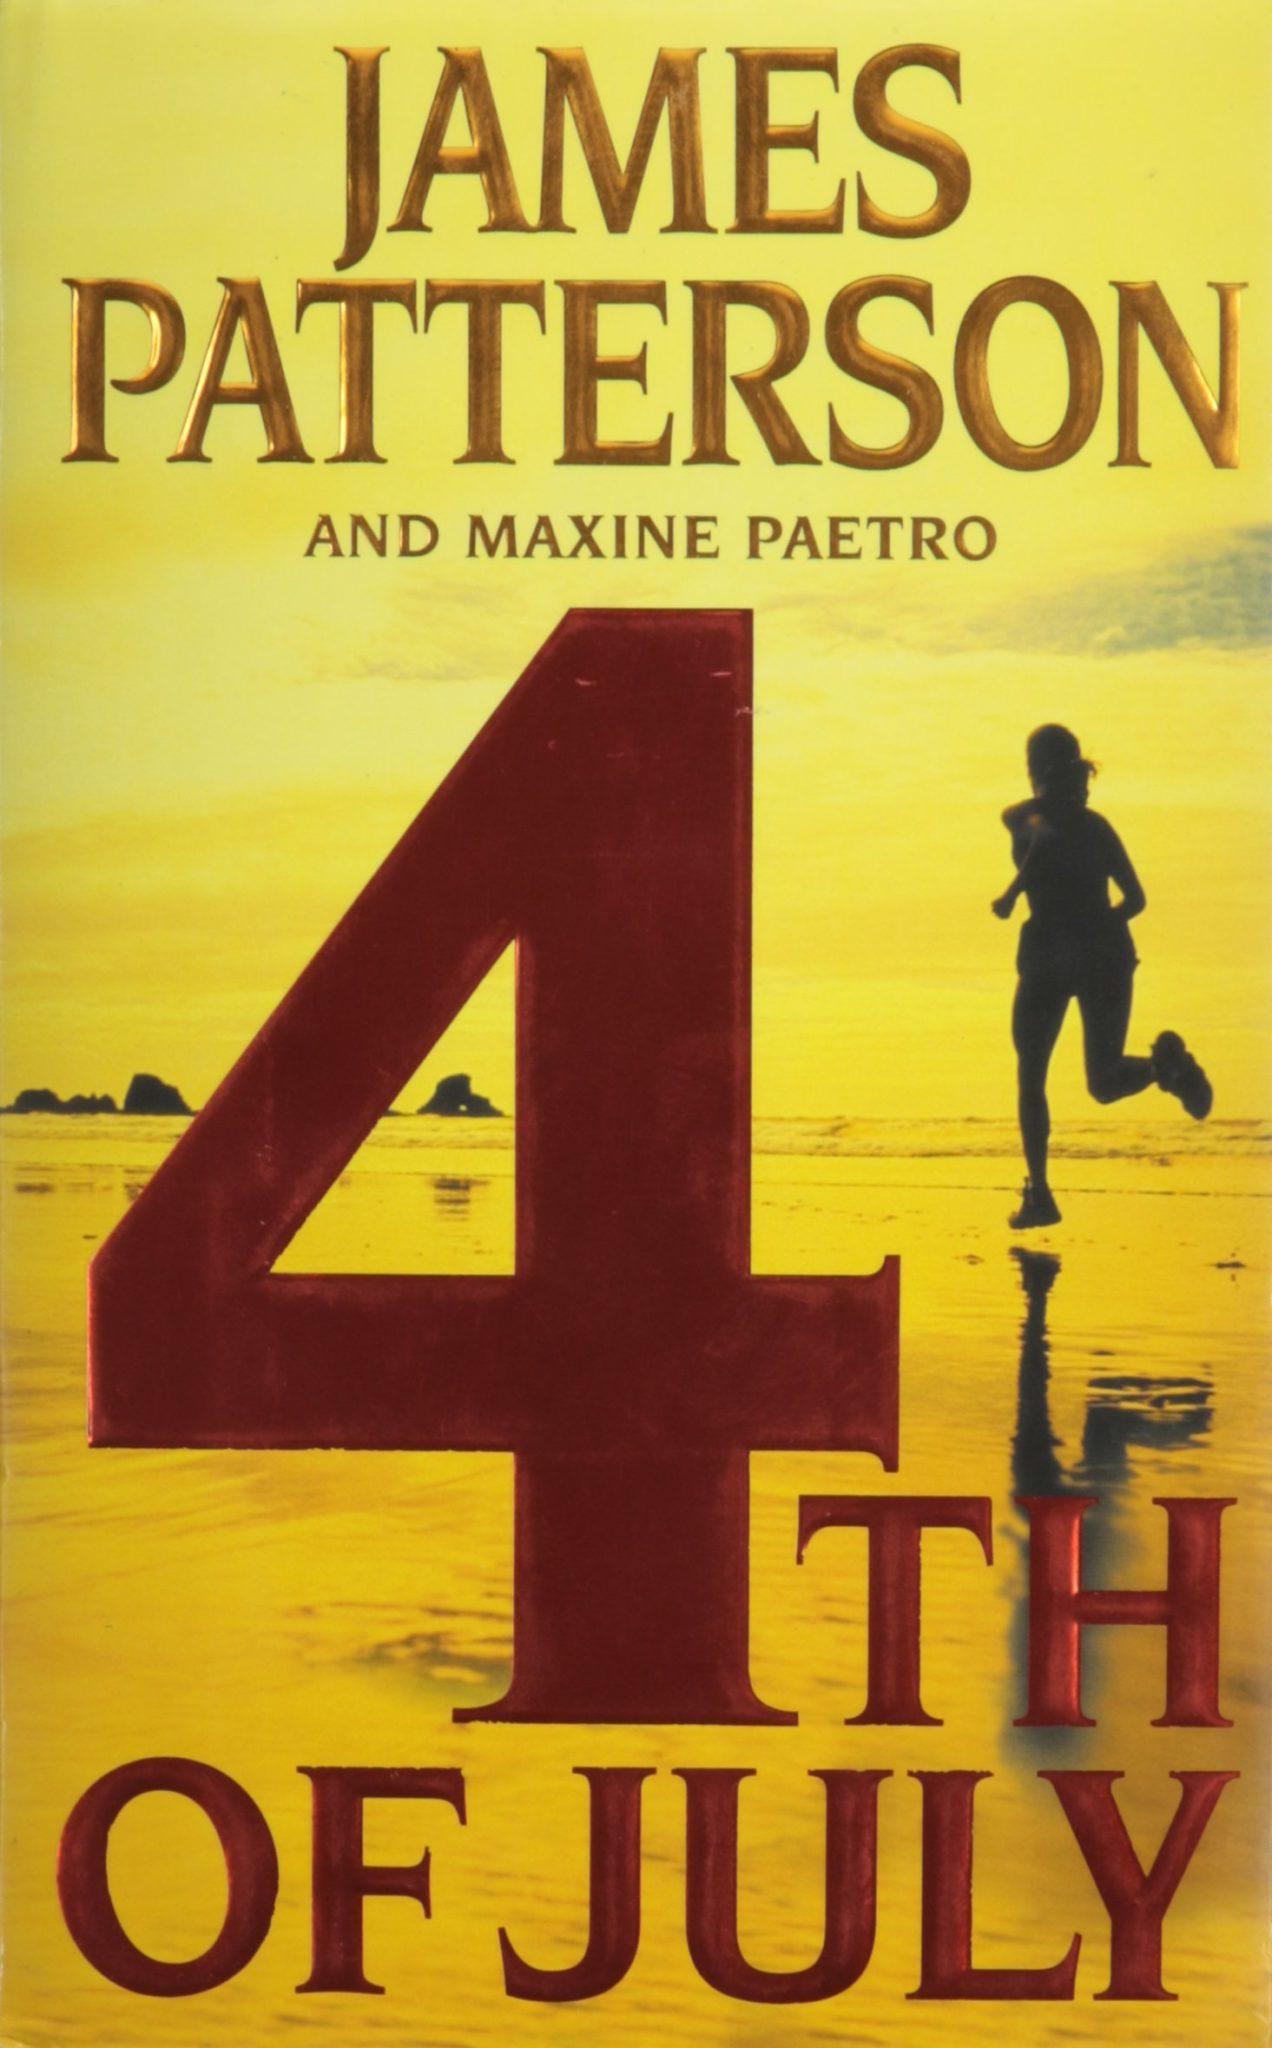 James Patterson books 25